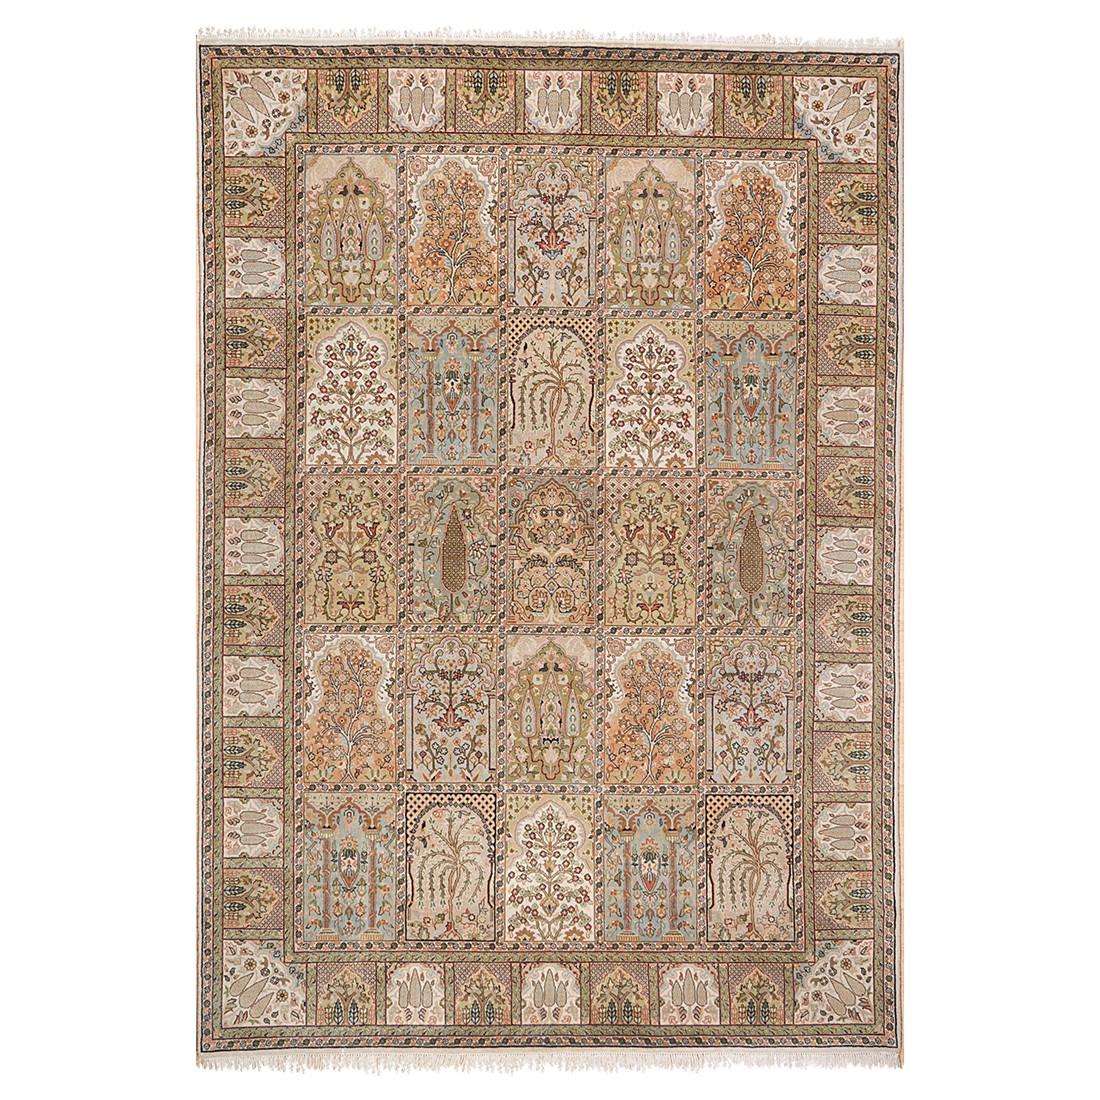 Teppich Sirsa Silk touch - Seide/Creme - 170 cm x 240 cm, Theko die markenteppiche